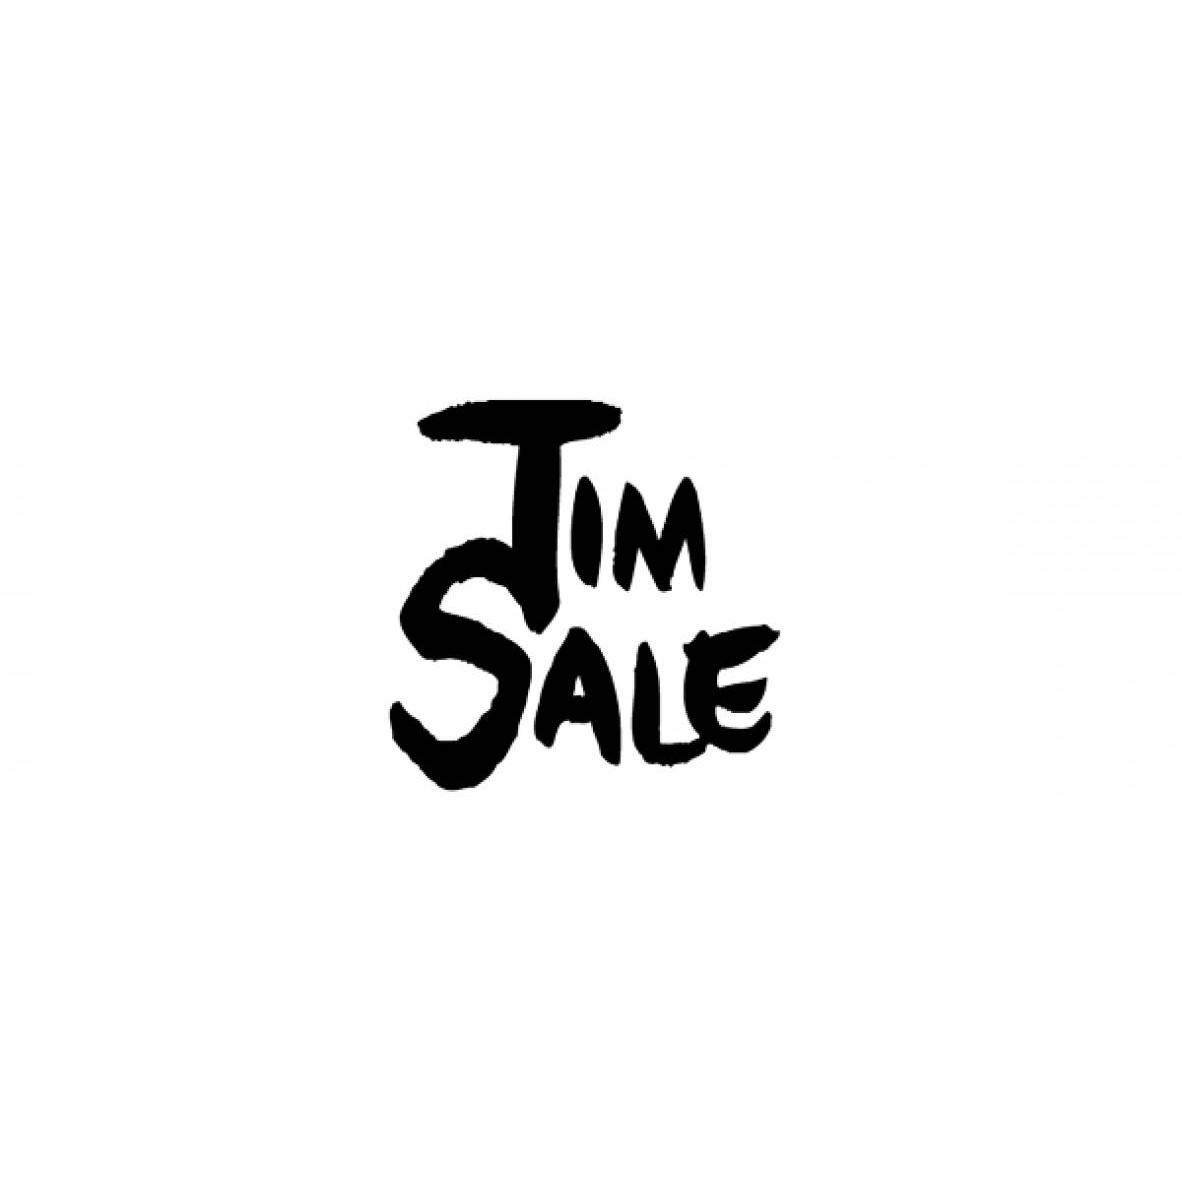 Tim Sale